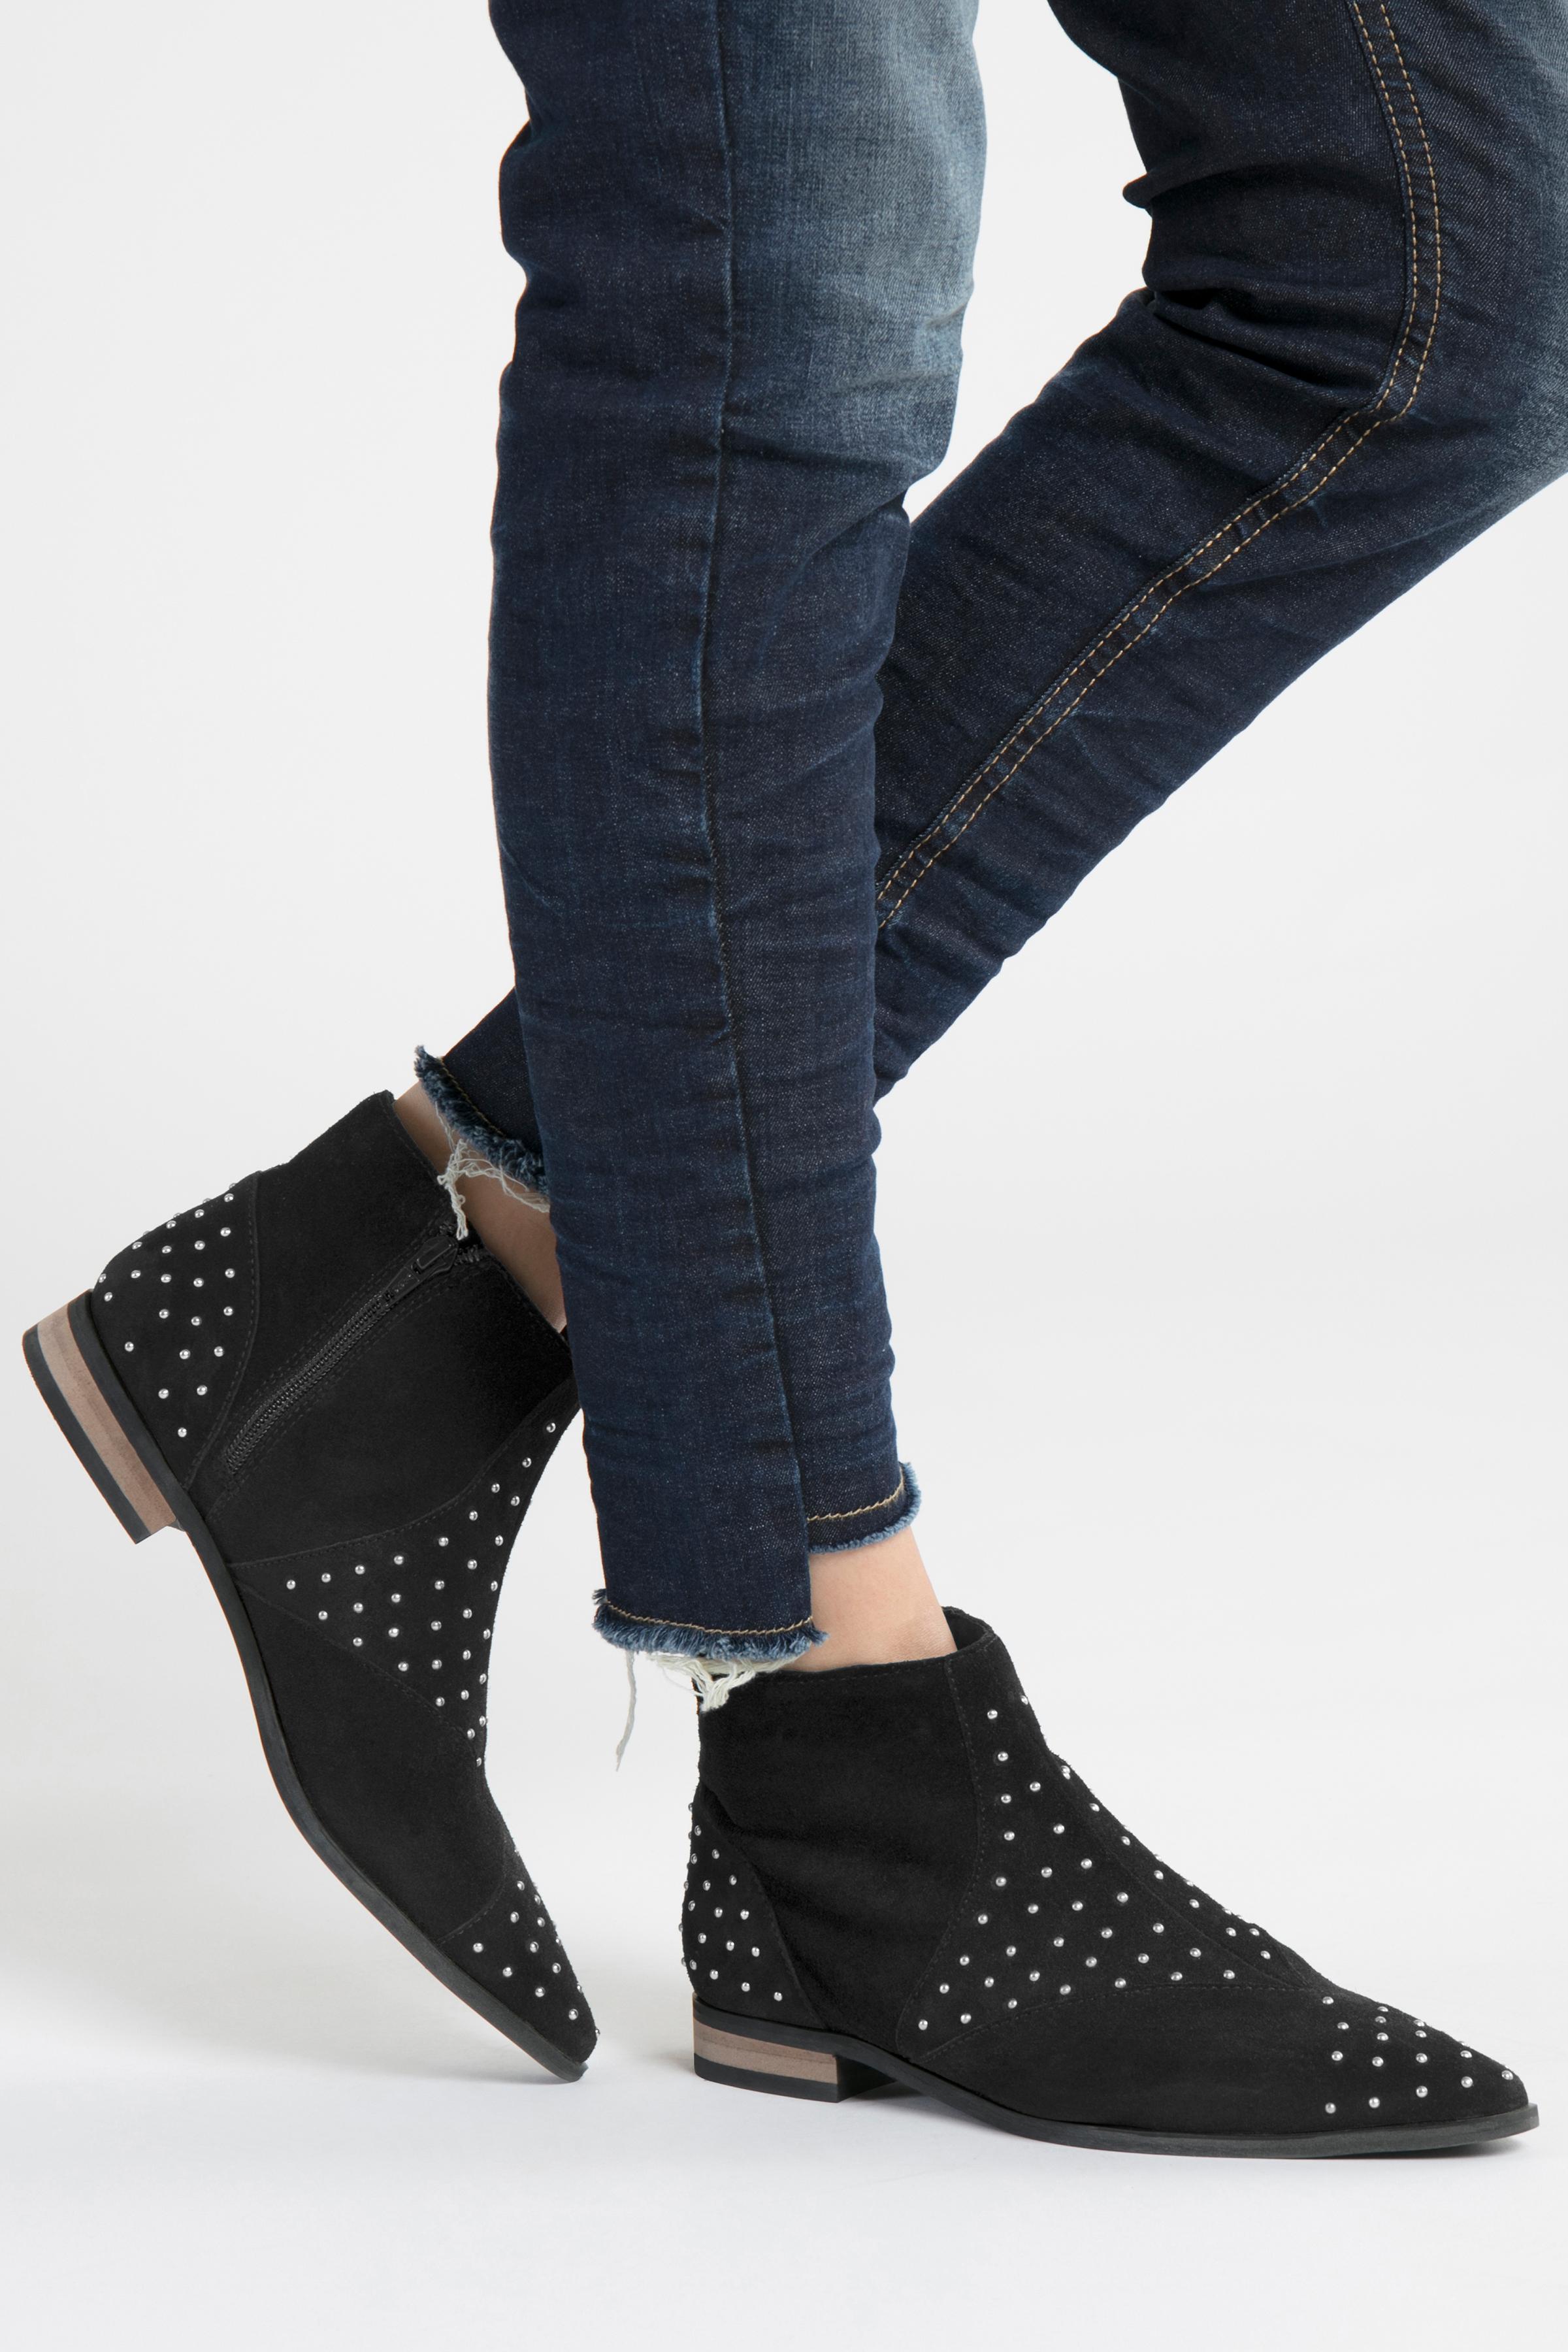 Svart Skor från Ichi - accessories – Köp Svart Skor från stl. 36-41 här